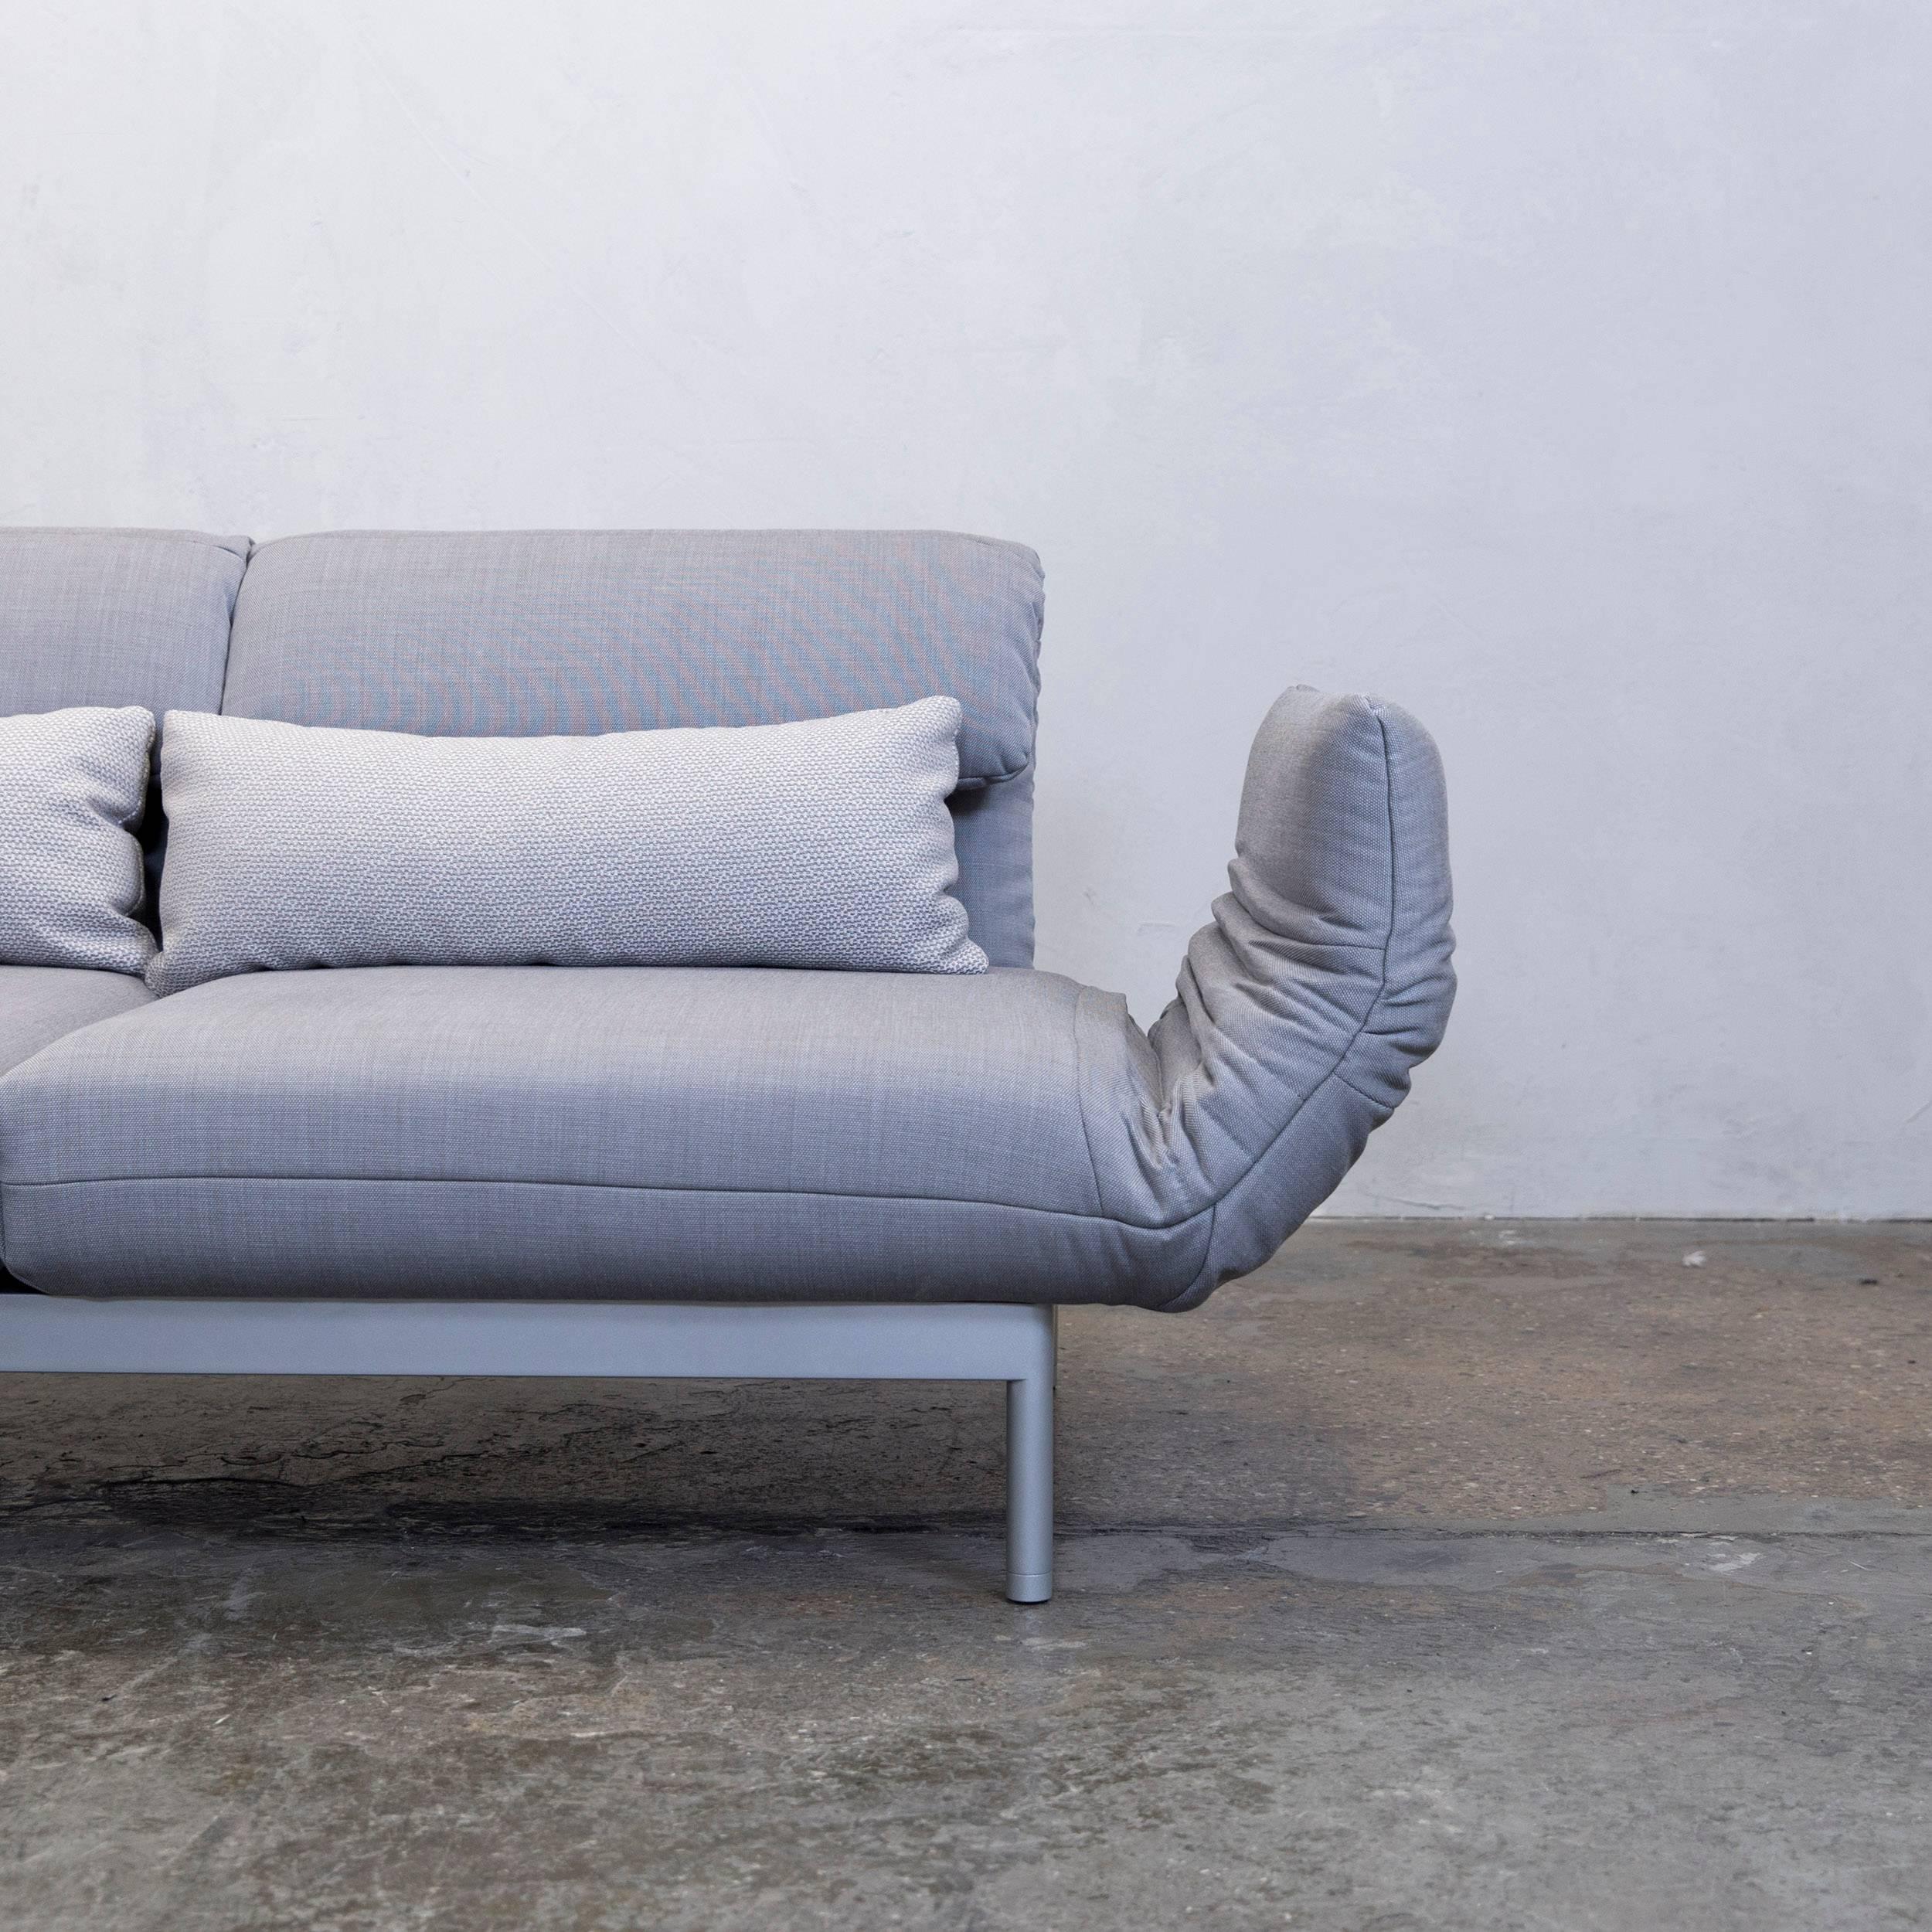 Top Ergebnis 50 Schön sofa Benz Galerie 2018 Ldkt 2017 Esszimmer